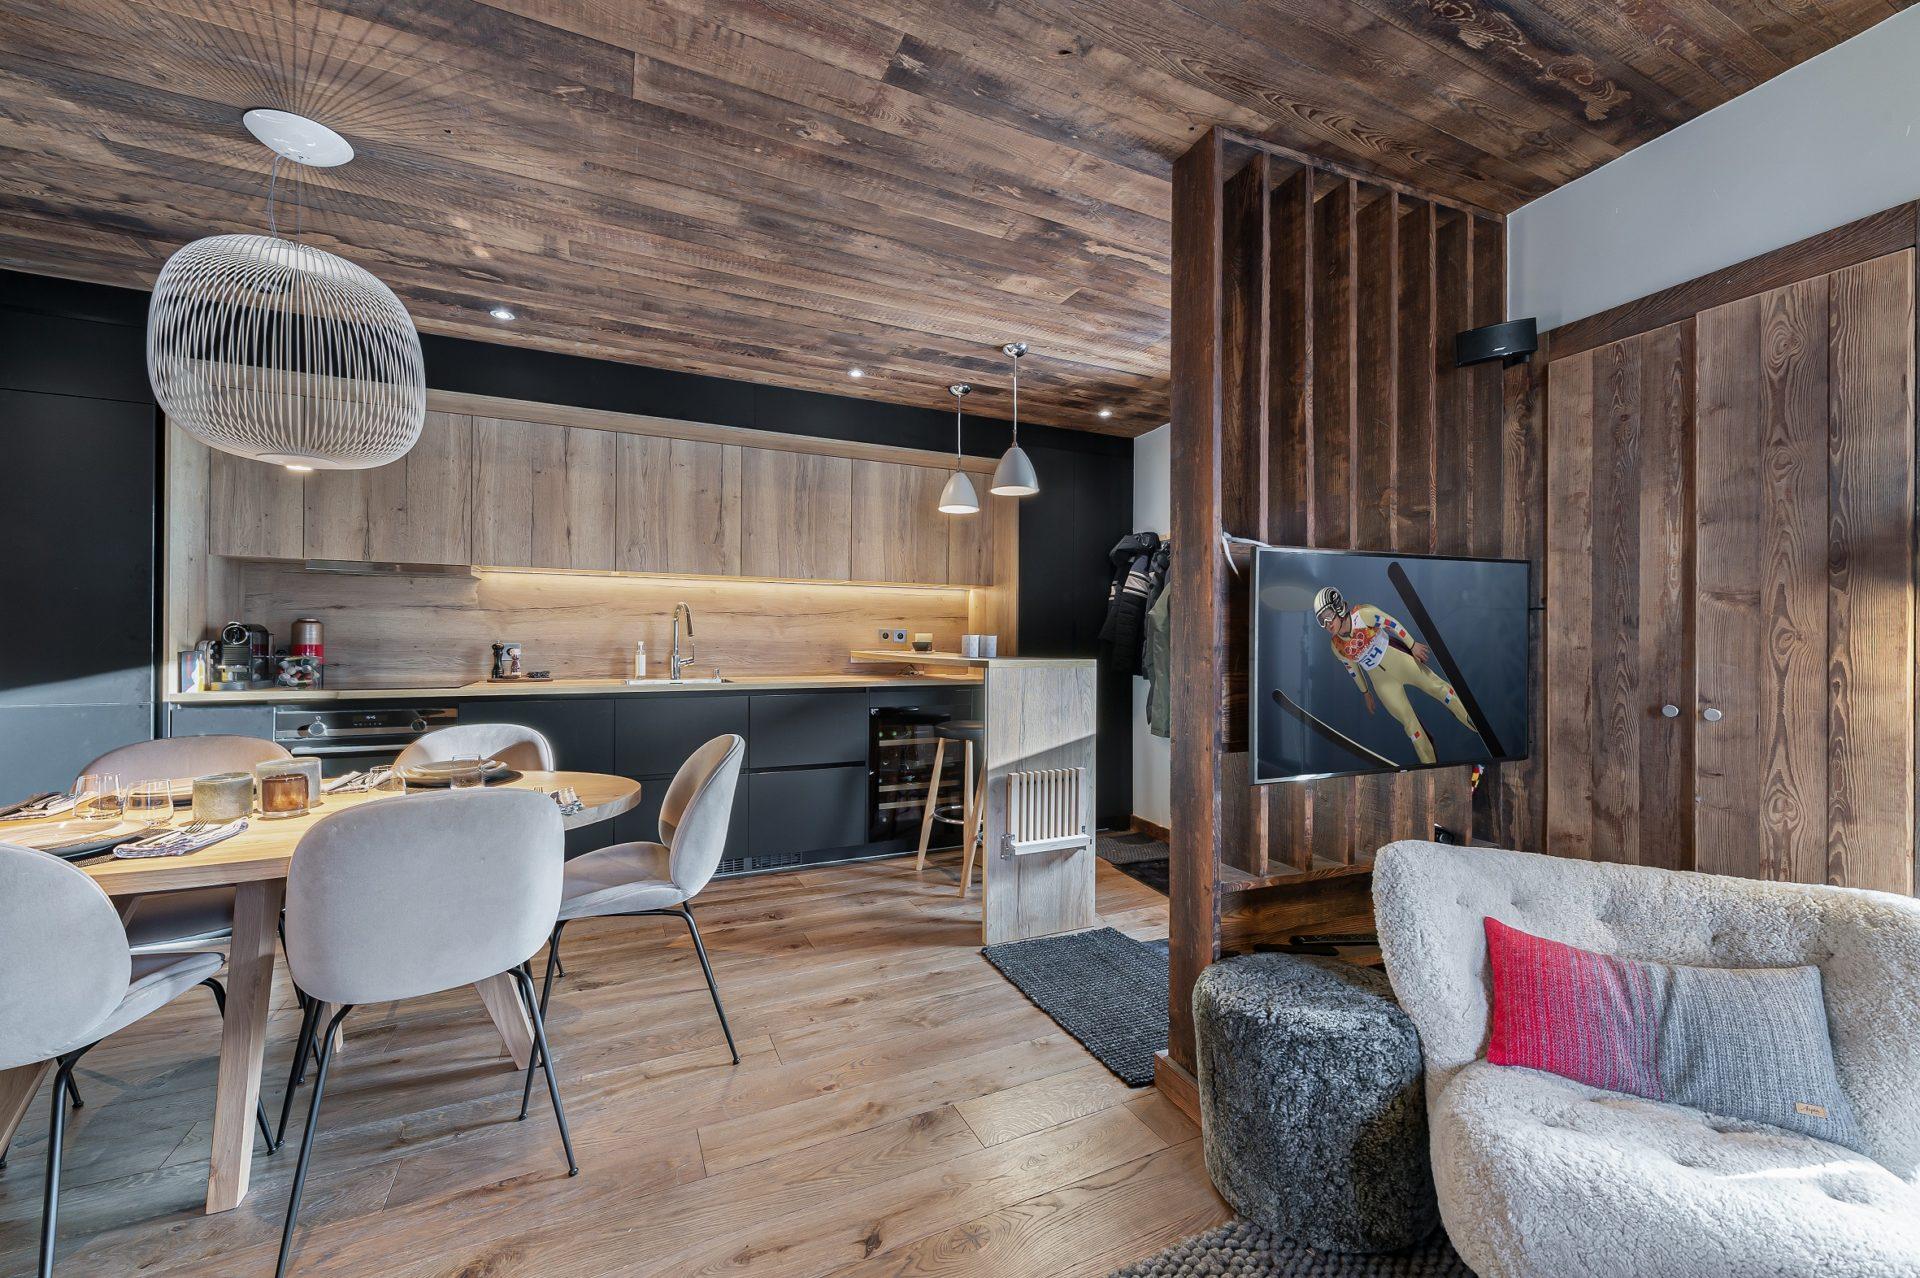 L'Epicerie / Appartement 3 / Vue du Salon / Saint Martin de Belleville, Savoie